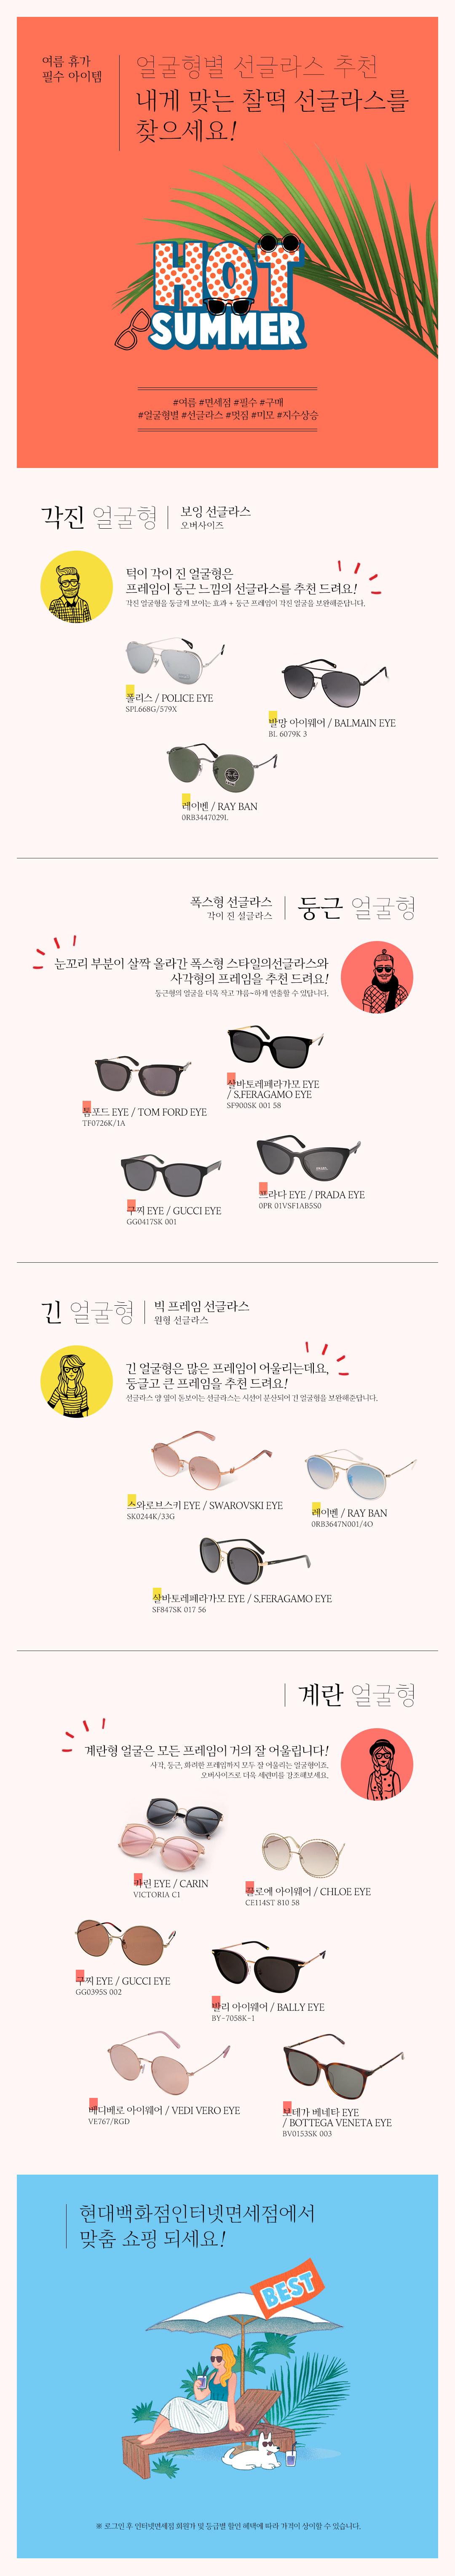 Hot Summer Sunglass